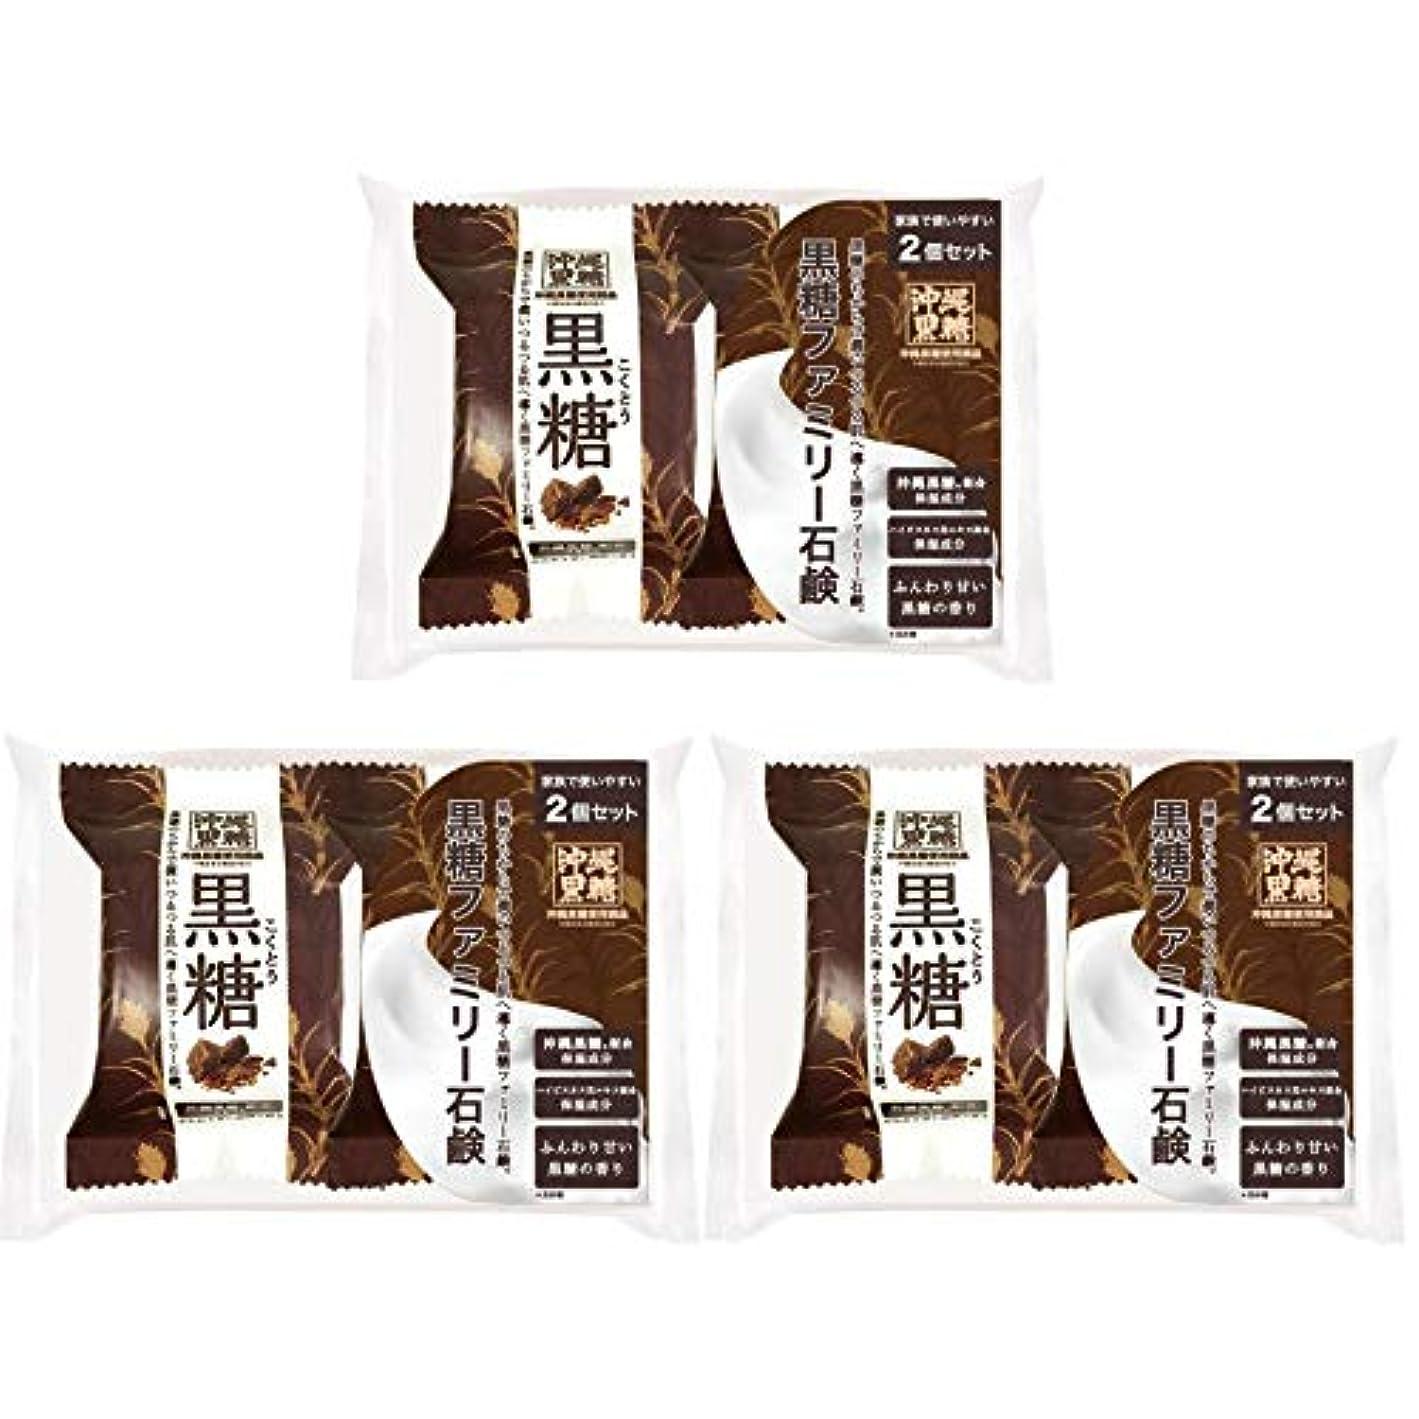 船上視聴者メジャー【3個セット】ペリカン石鹸 ファミリー黒糖石鹸 80g×2個